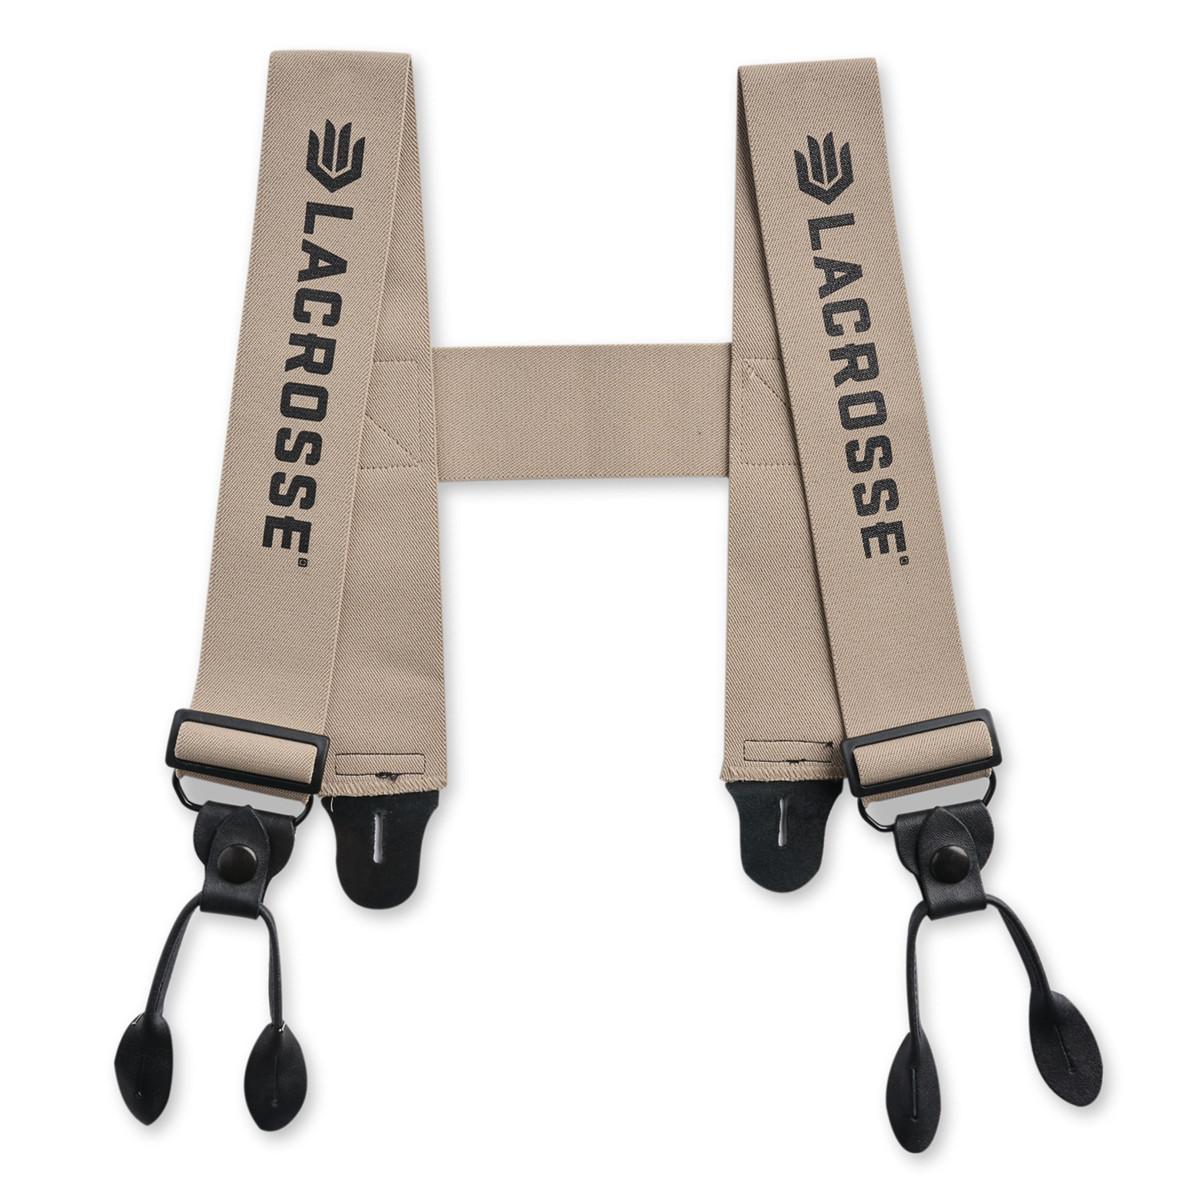 H-Back Suspenders